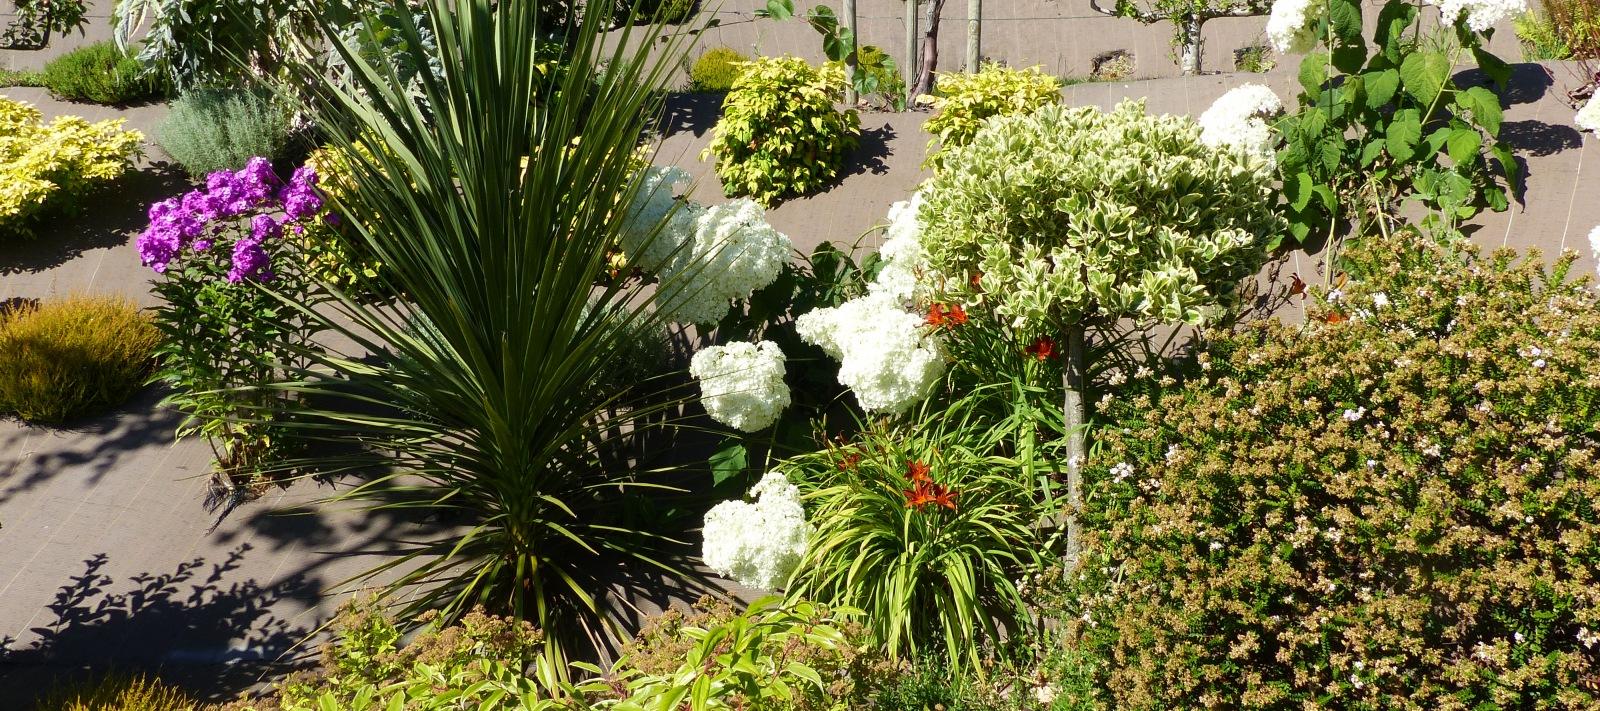 jardin arboré villedieu les poeles